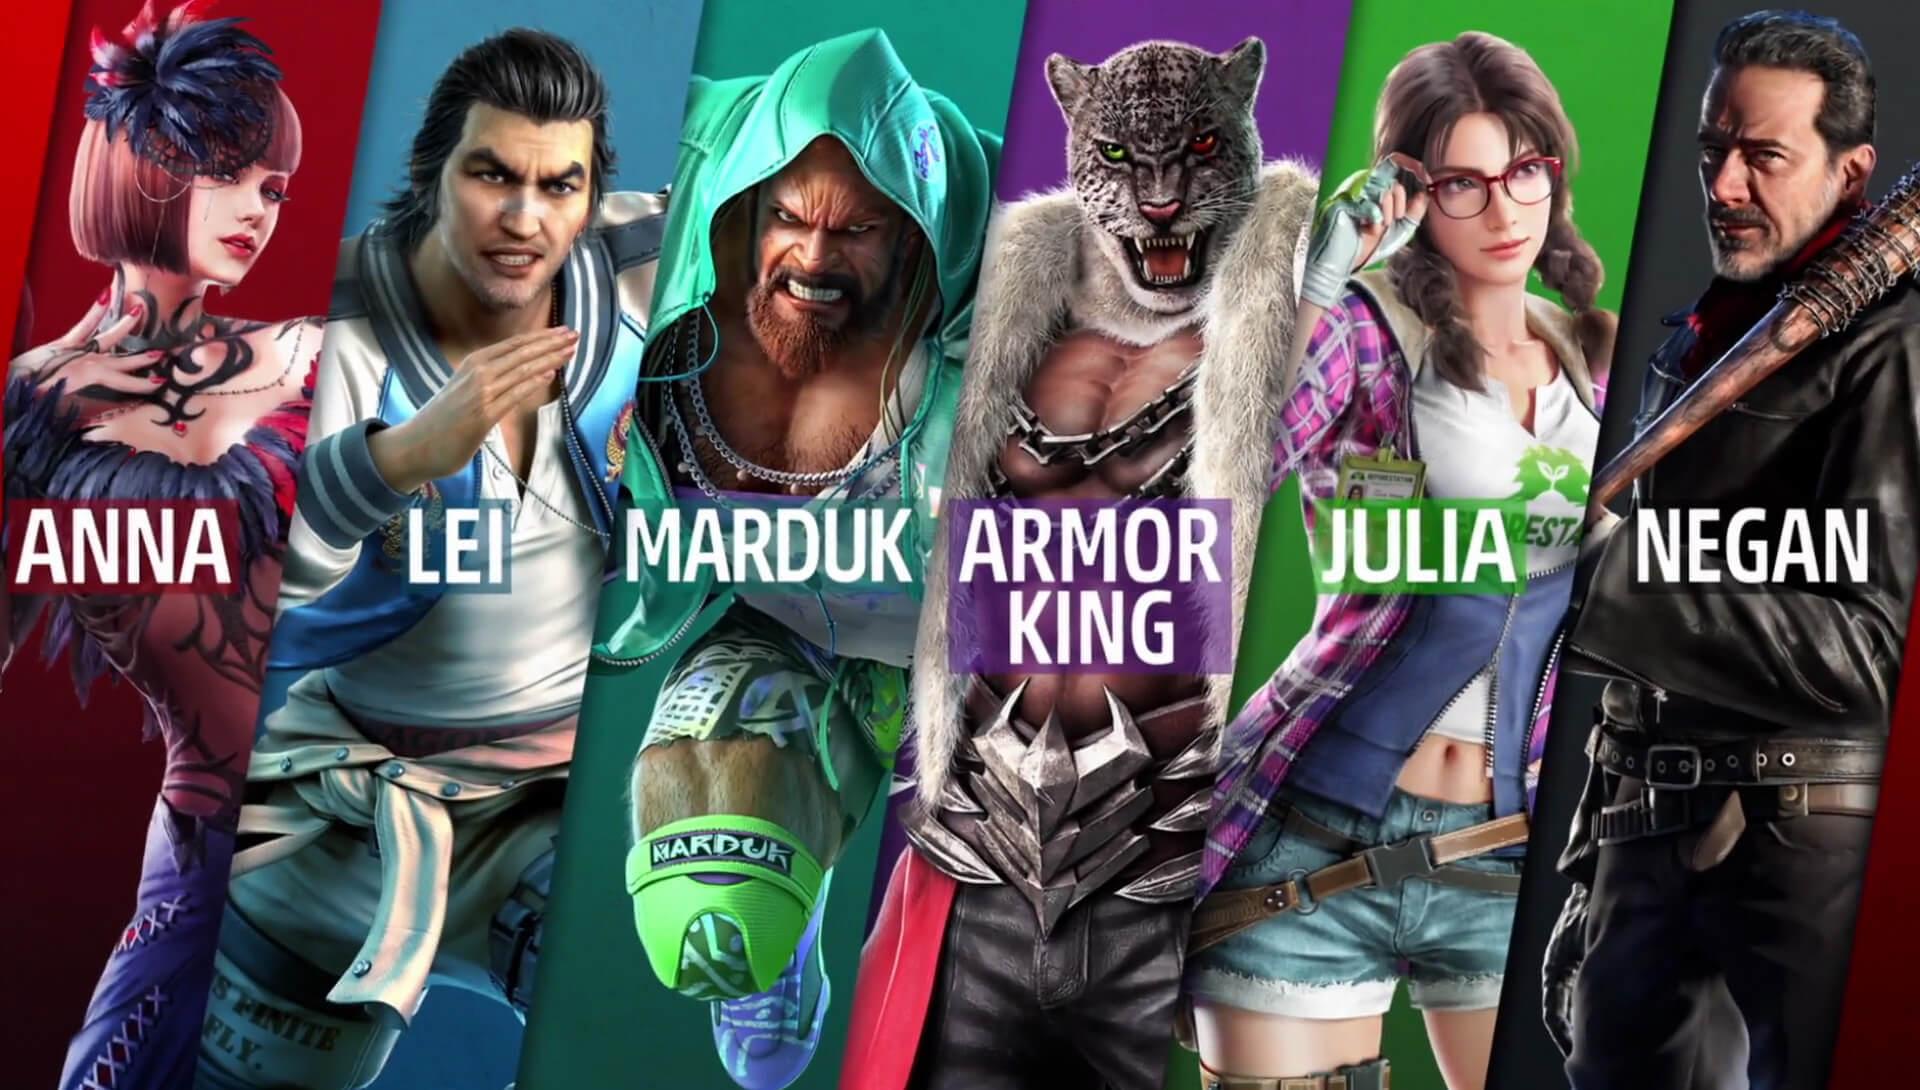 Segundo passe de temporada de Tekken 7 ganha novos personagens e trailers